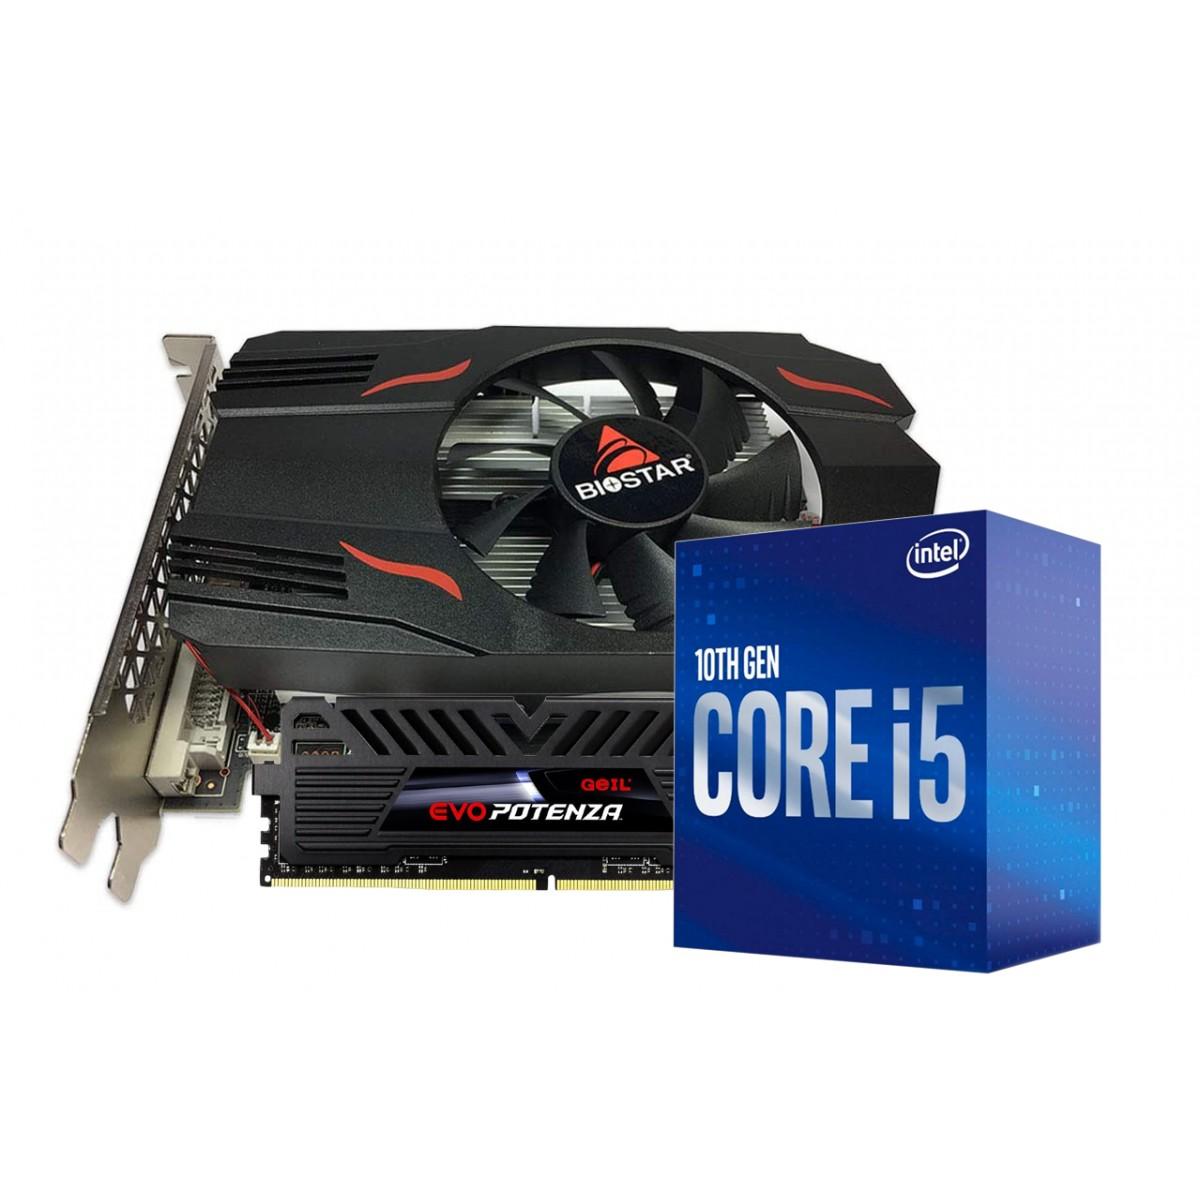 Kit Upgrade Biostar Radeon RX 550 2GB + Intel Core i5 10400F + Geil Evo Potenza 8GB 3000MHz